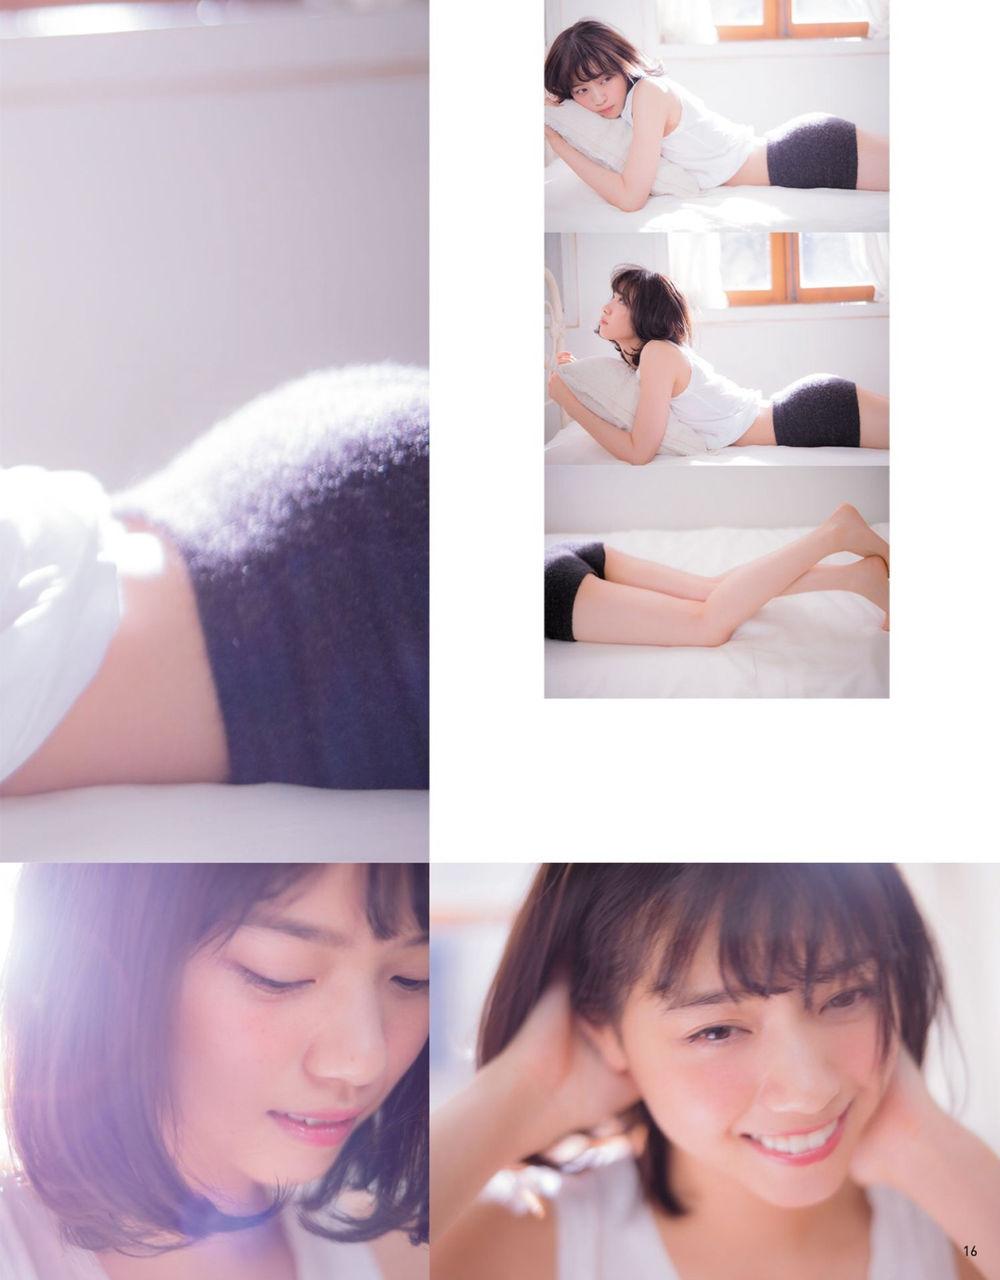 西野七瀬エロ画像tumblr_okak9fjgQ71ueloi8o4_1280